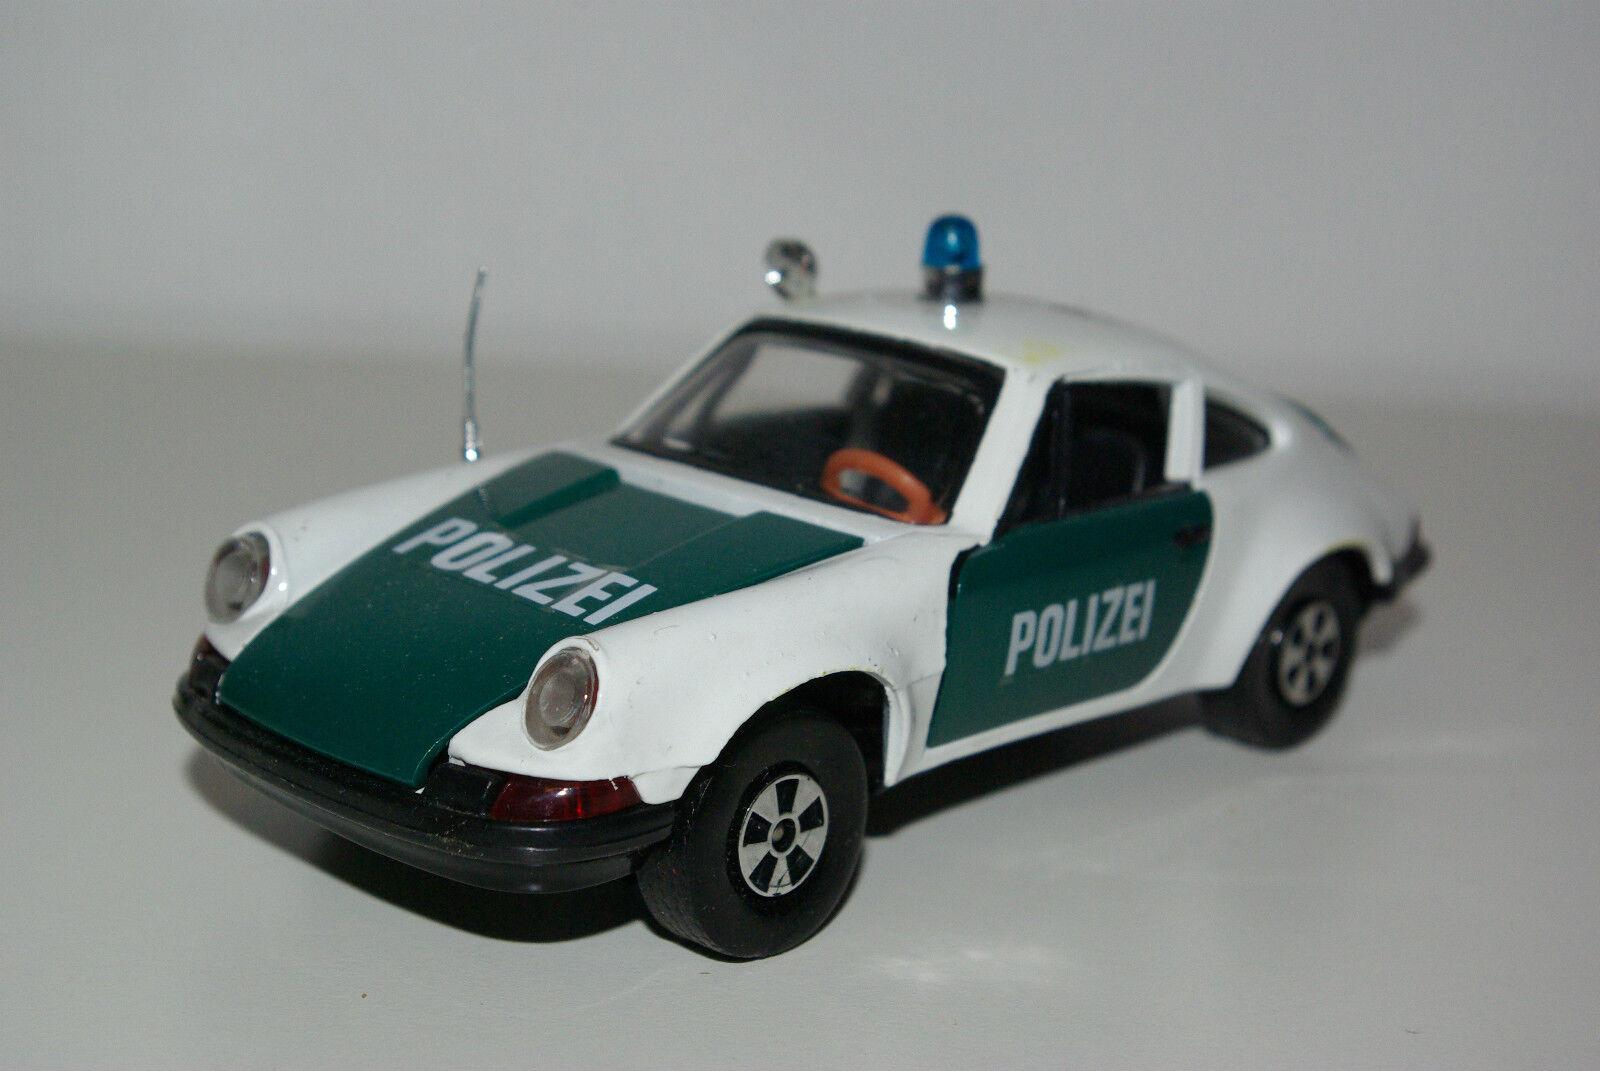 Playart PORSCHE 911 Police VERY NEAR MINT RARE RARE RARO